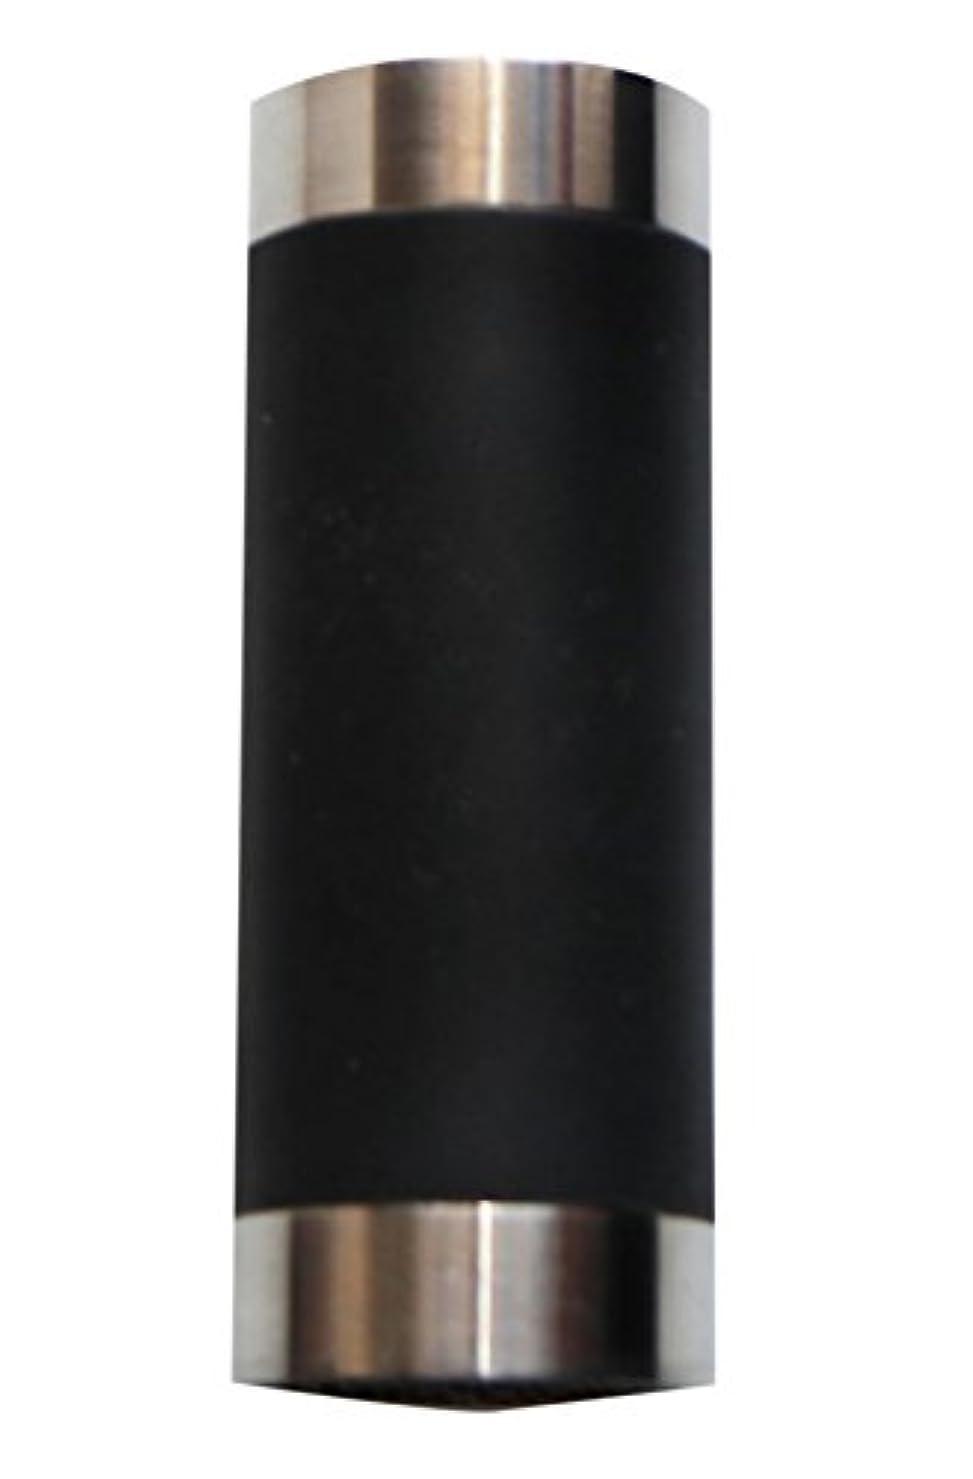 ベッツィトロットウッド目的とにかく「toog 爪削りトーグ」 爪の手入れは、安全に滑らかに、研ぎ仕上げしましょう。使用方法から生まれたトーグ。